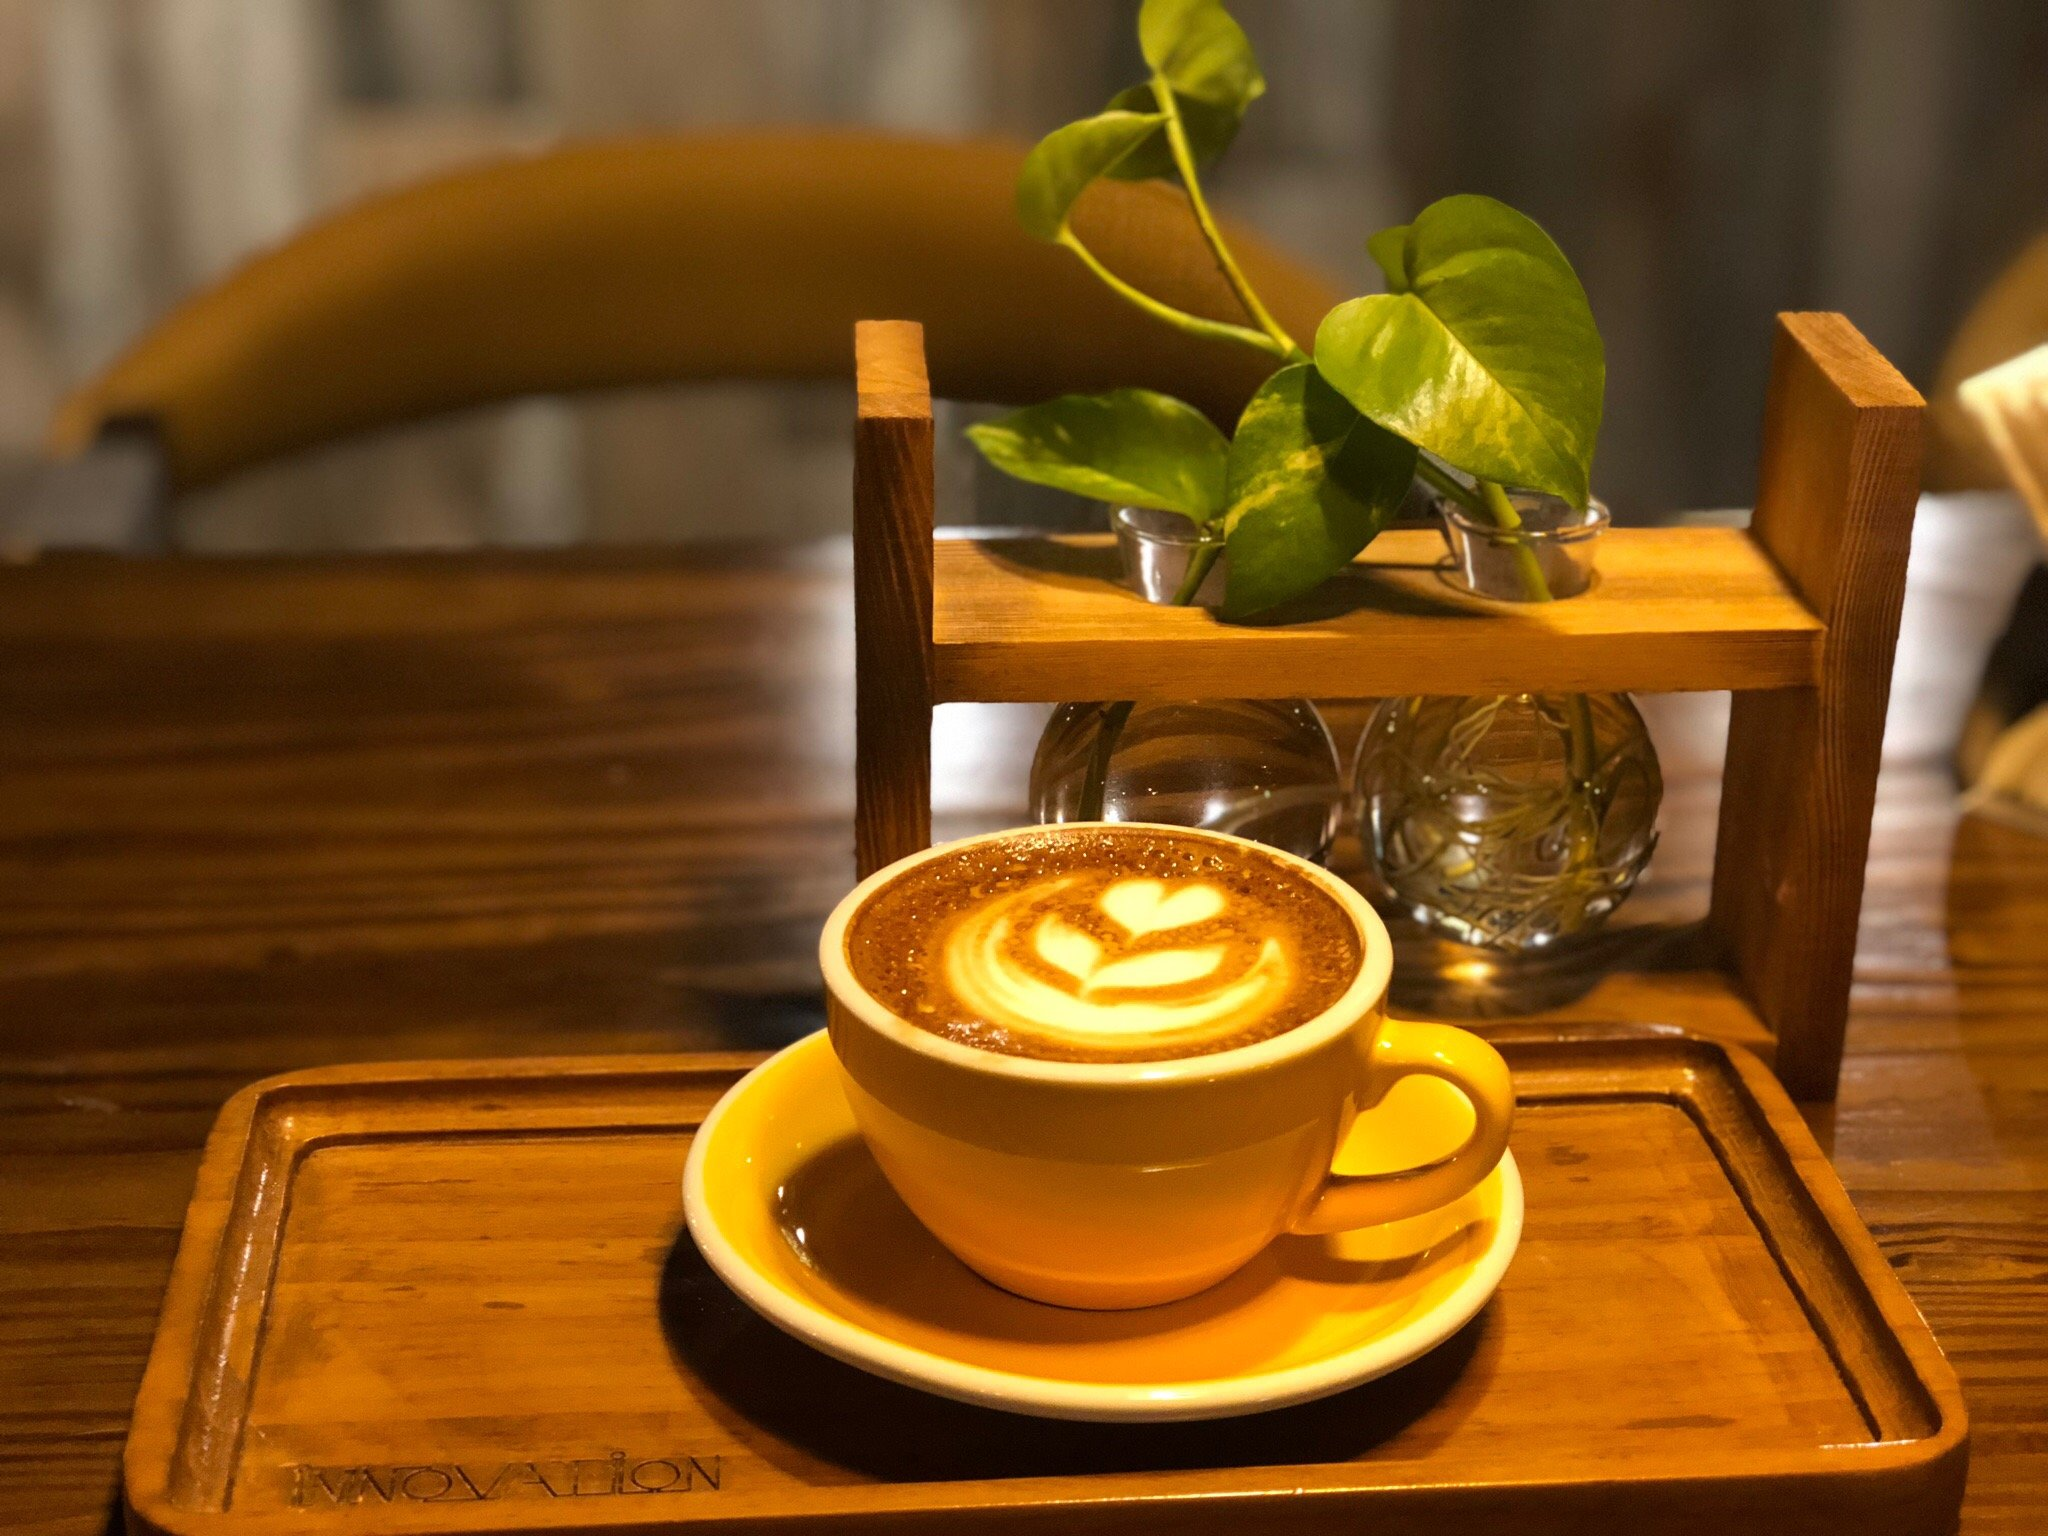 Innovation Taste Coffee